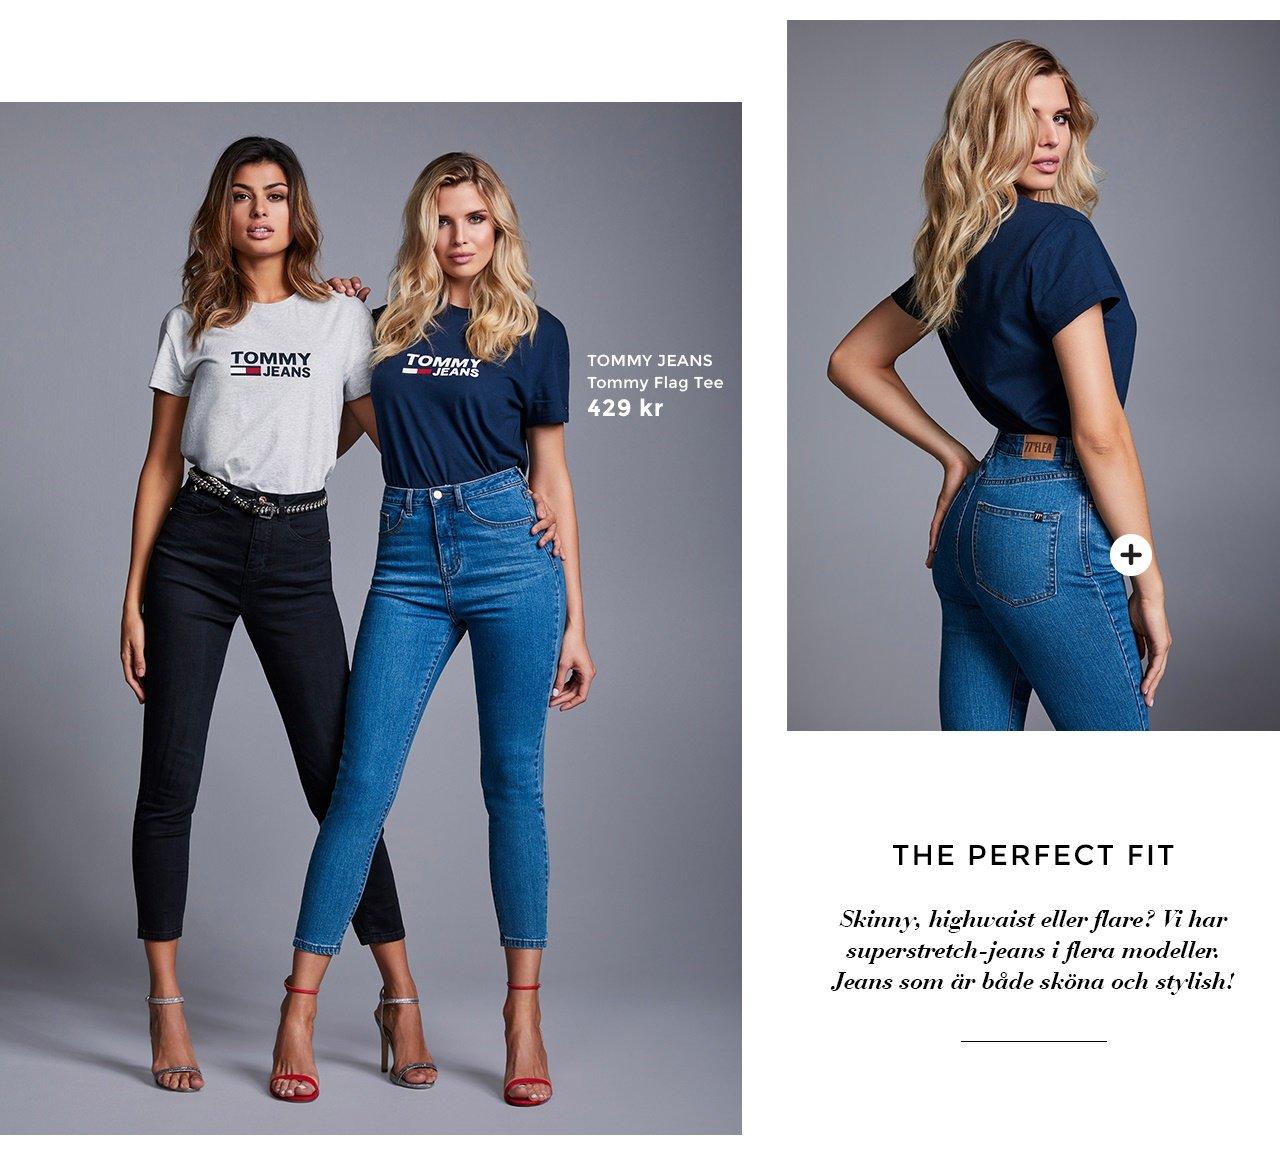 Tommy flag tee - Felice high waist jeans